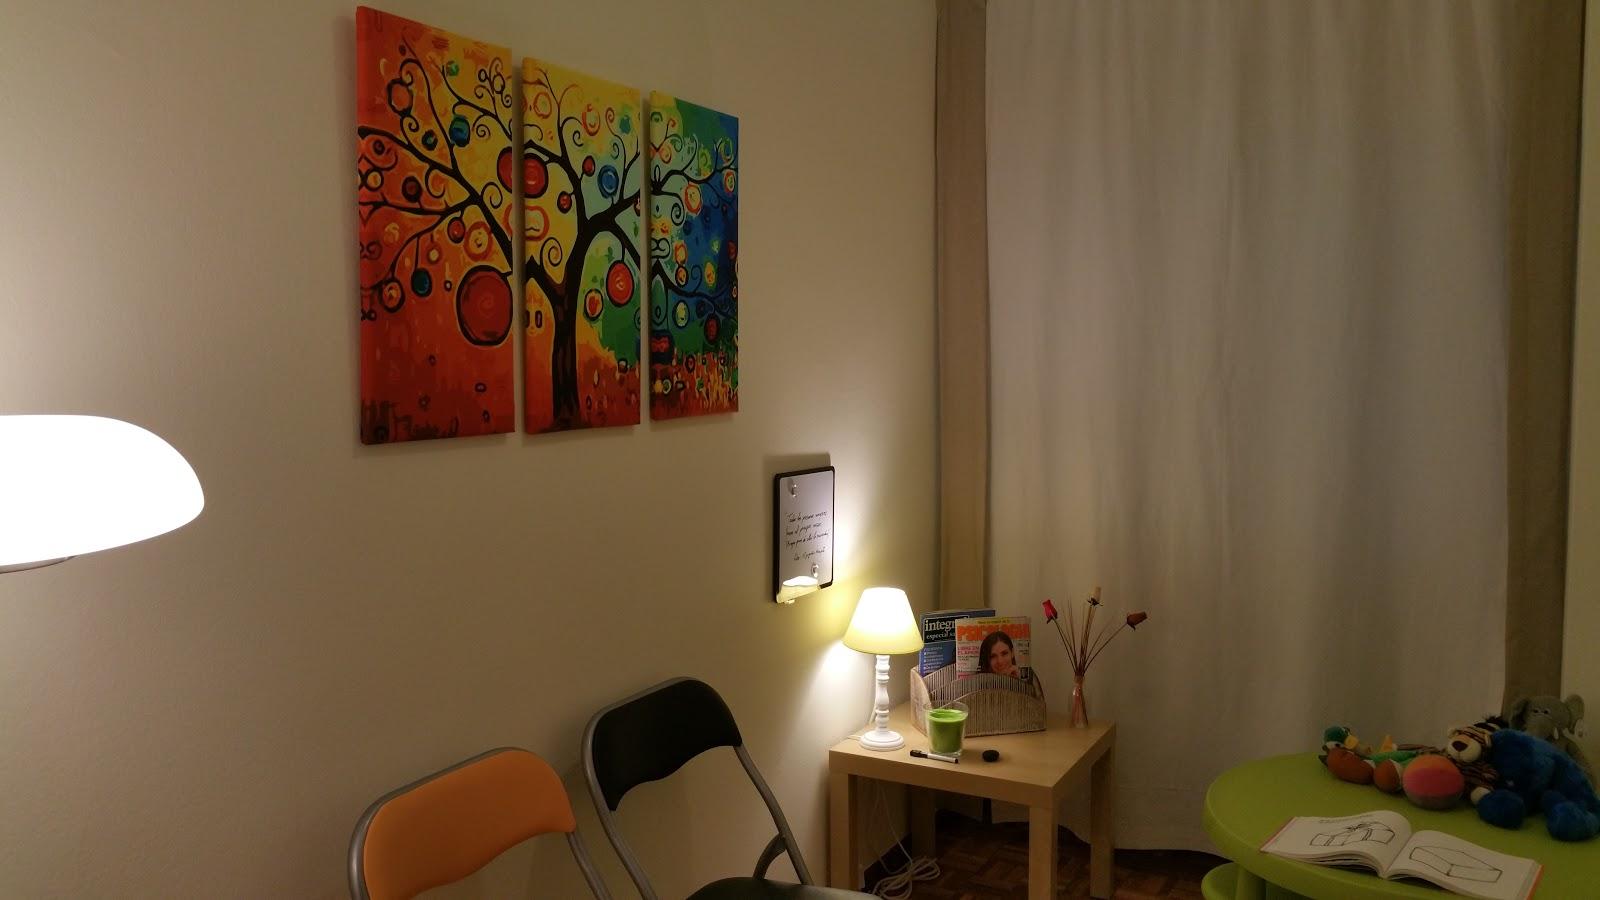 Interiorismo y decoracion lola torga nuevo espacio de - Interiorismo y decoracion ...